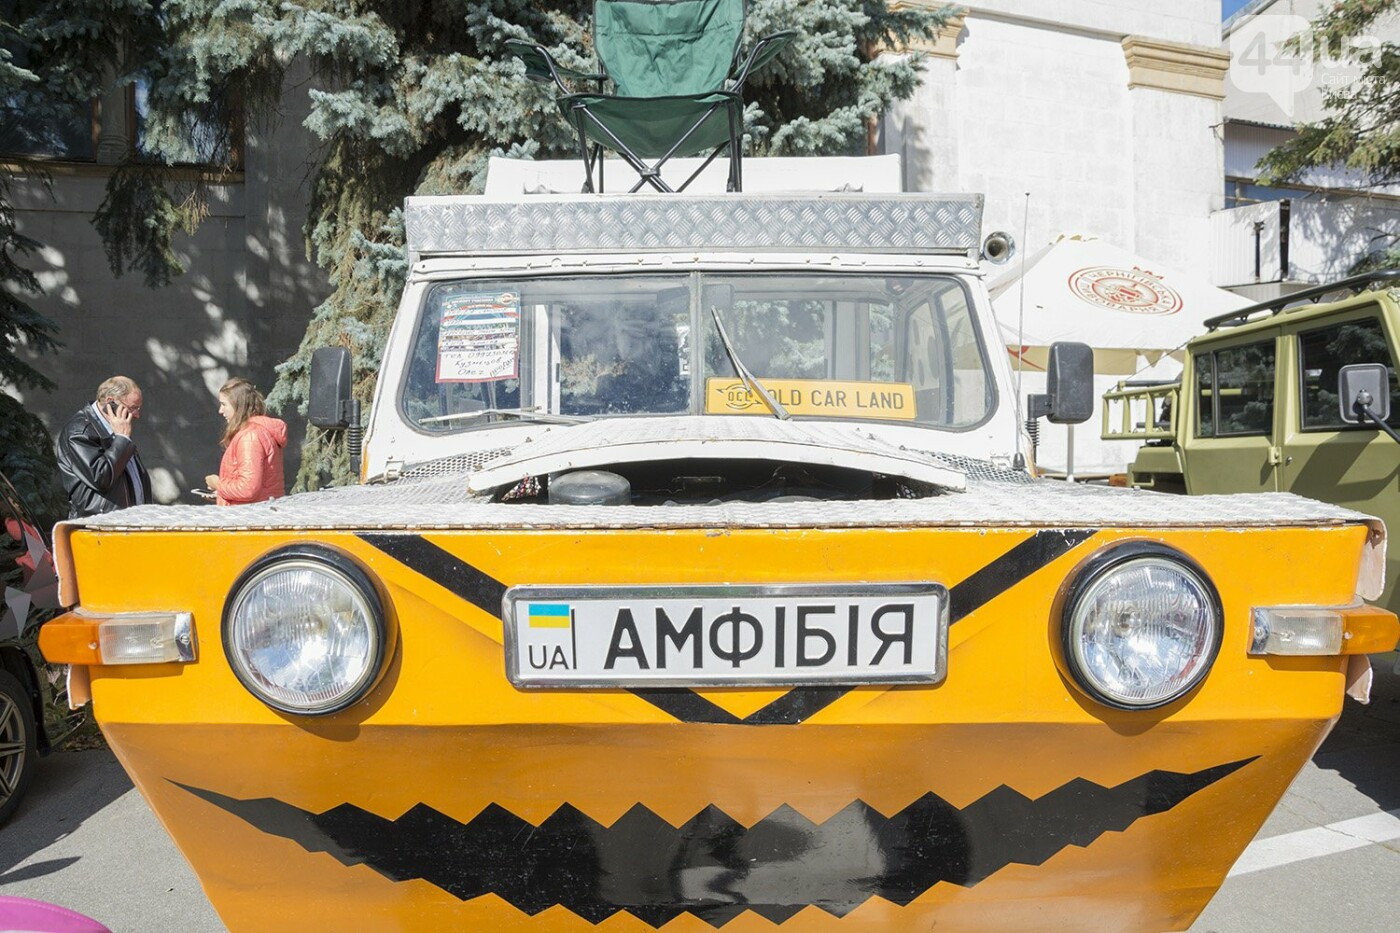 Old Car Land-2018: как прошел крупнейший автомобильный ретро-фестиваль Украины, - ФОТО, ВИДЕО, фото-14